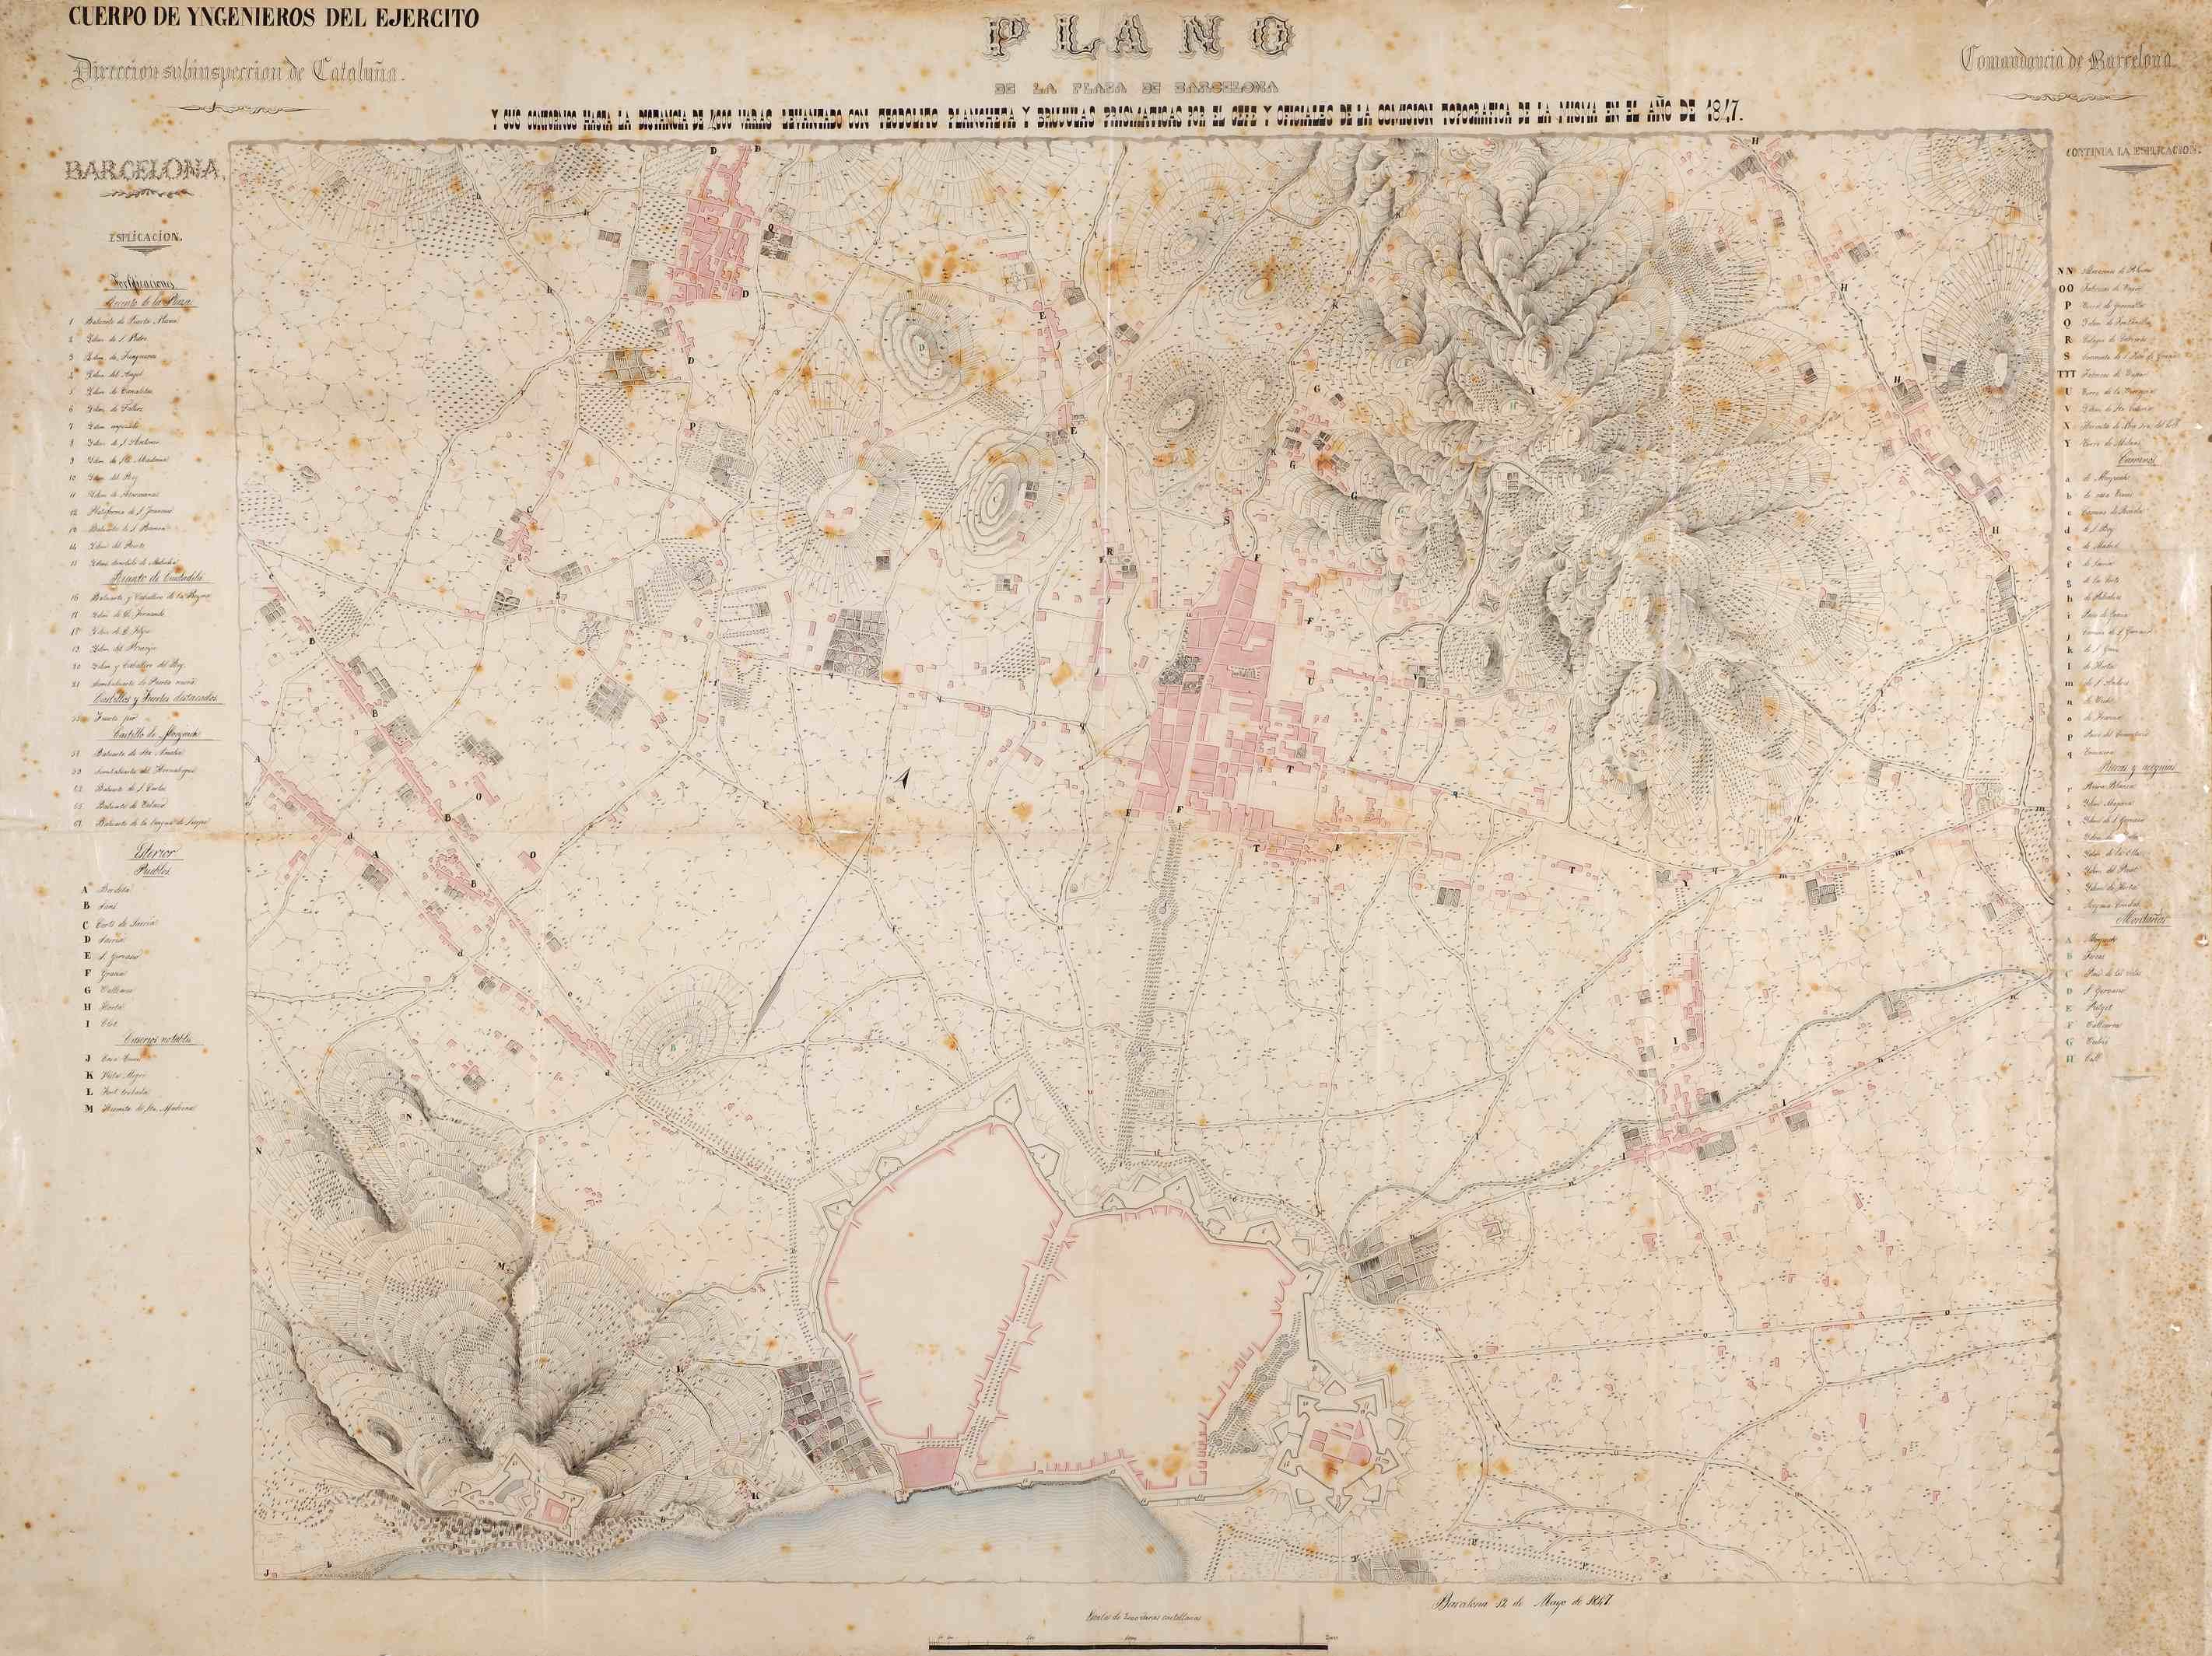 Los Caminos principales del Llano de Barcelona 1847